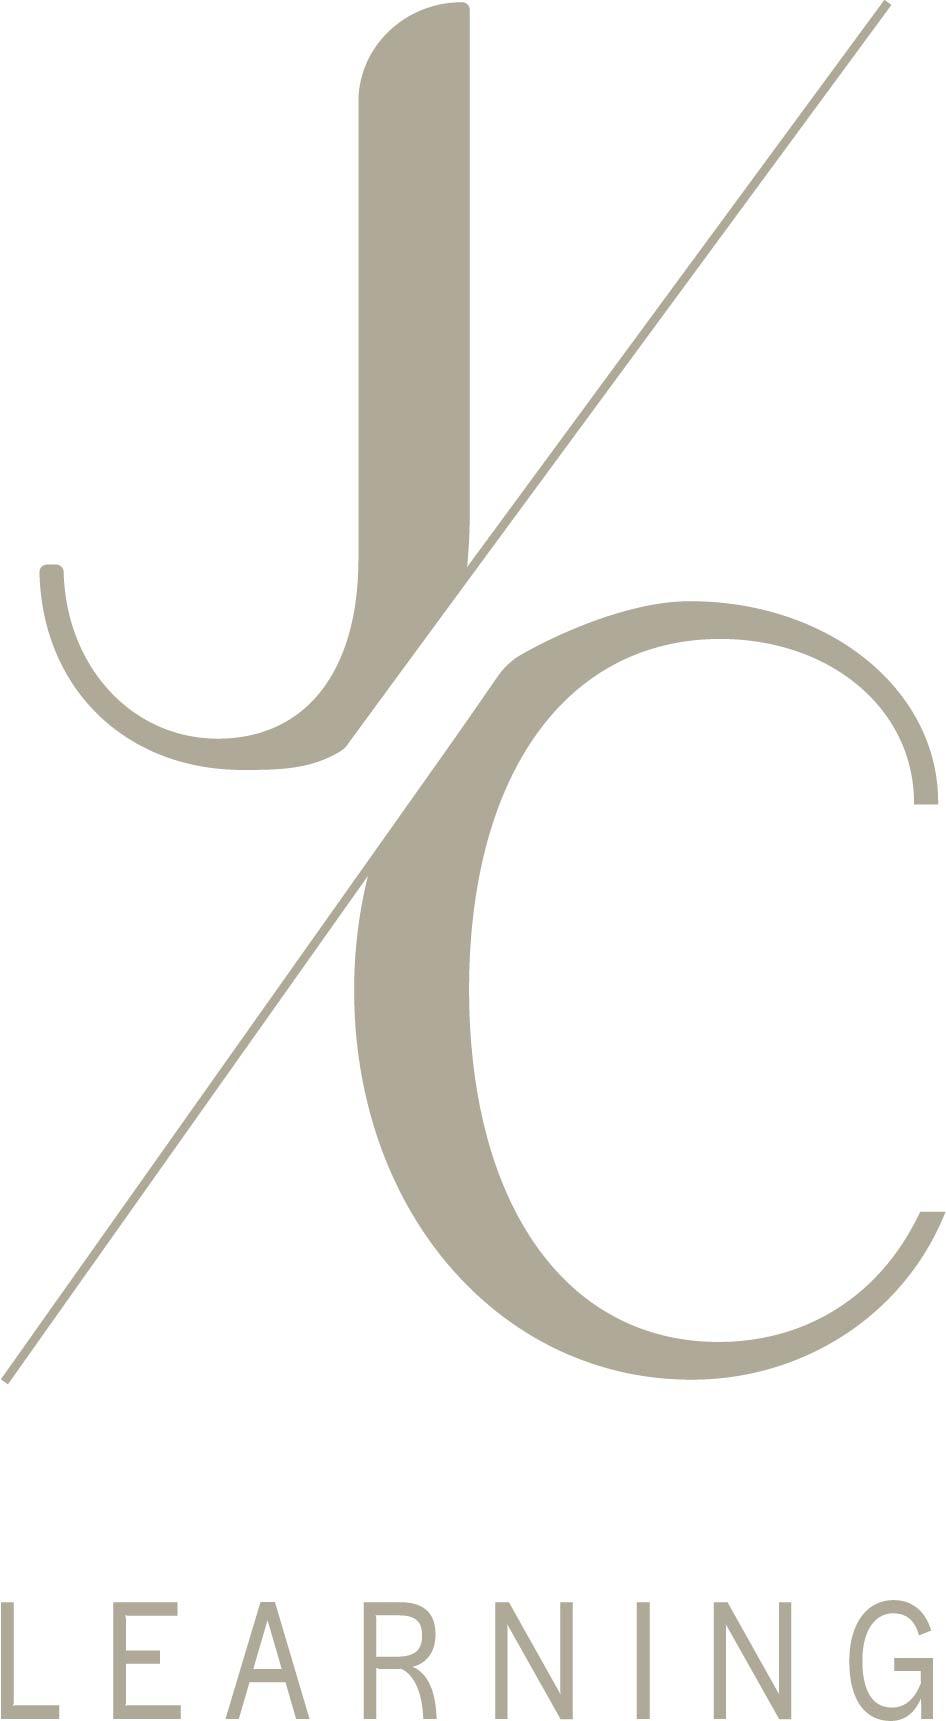 jclearning.net